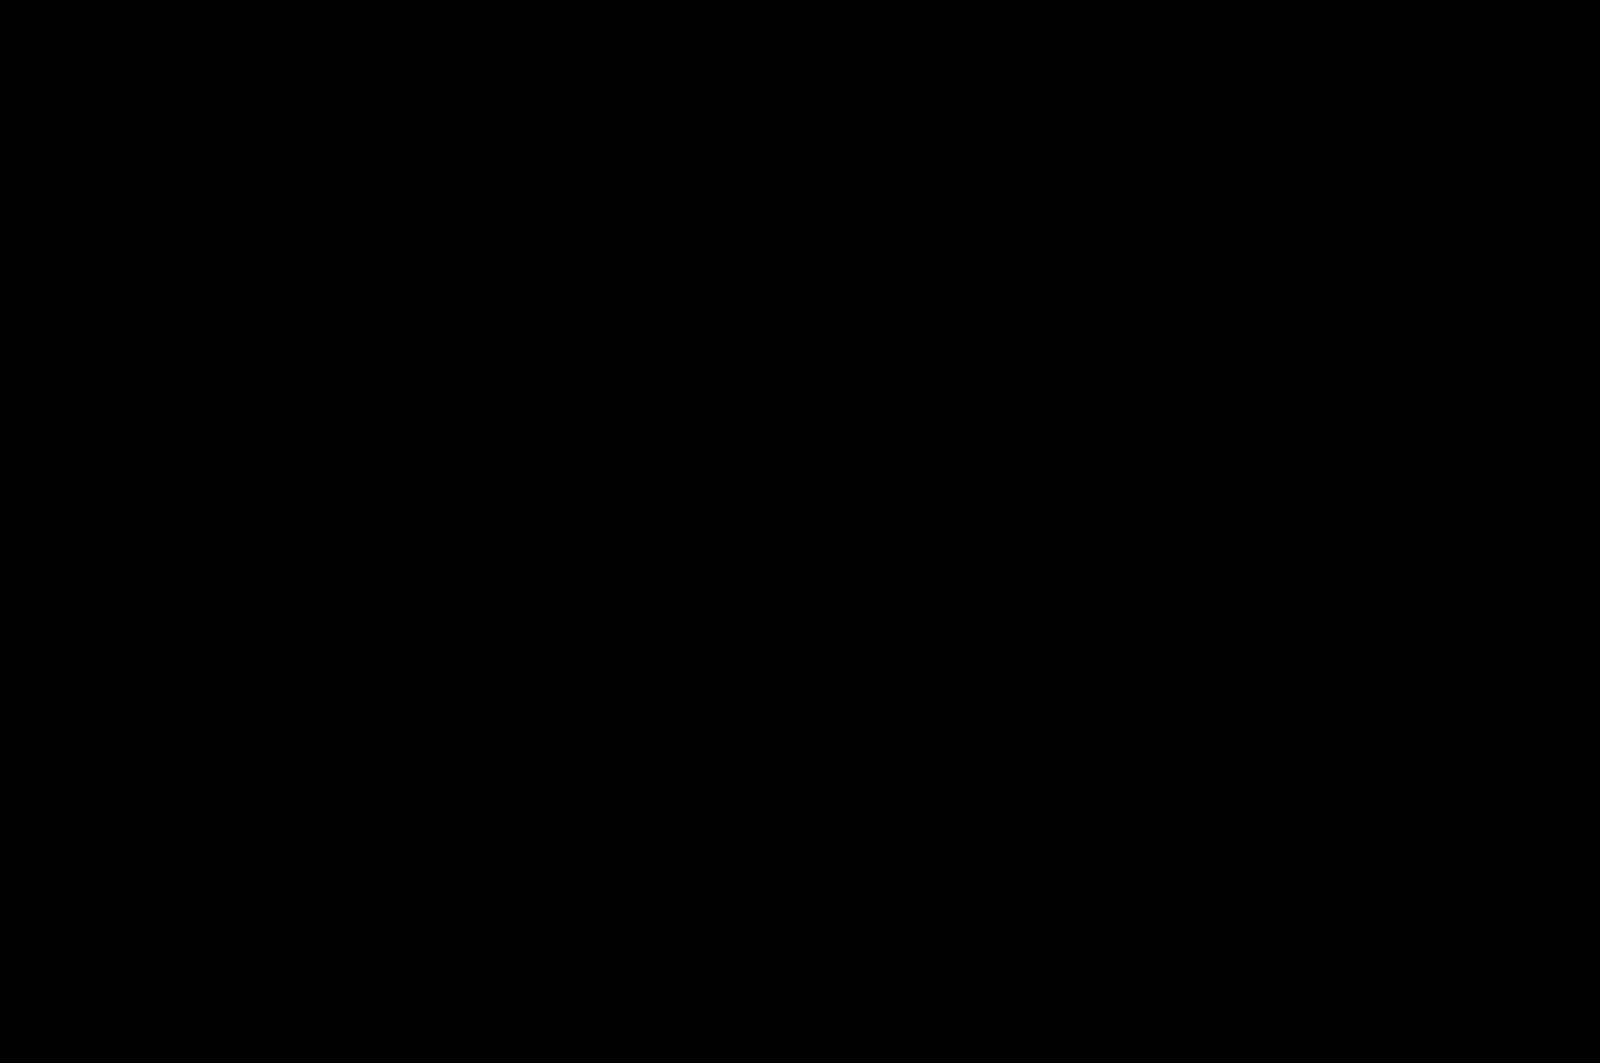 Olly soutien gorge Casamance noir avec dentelle devant la fenetre -